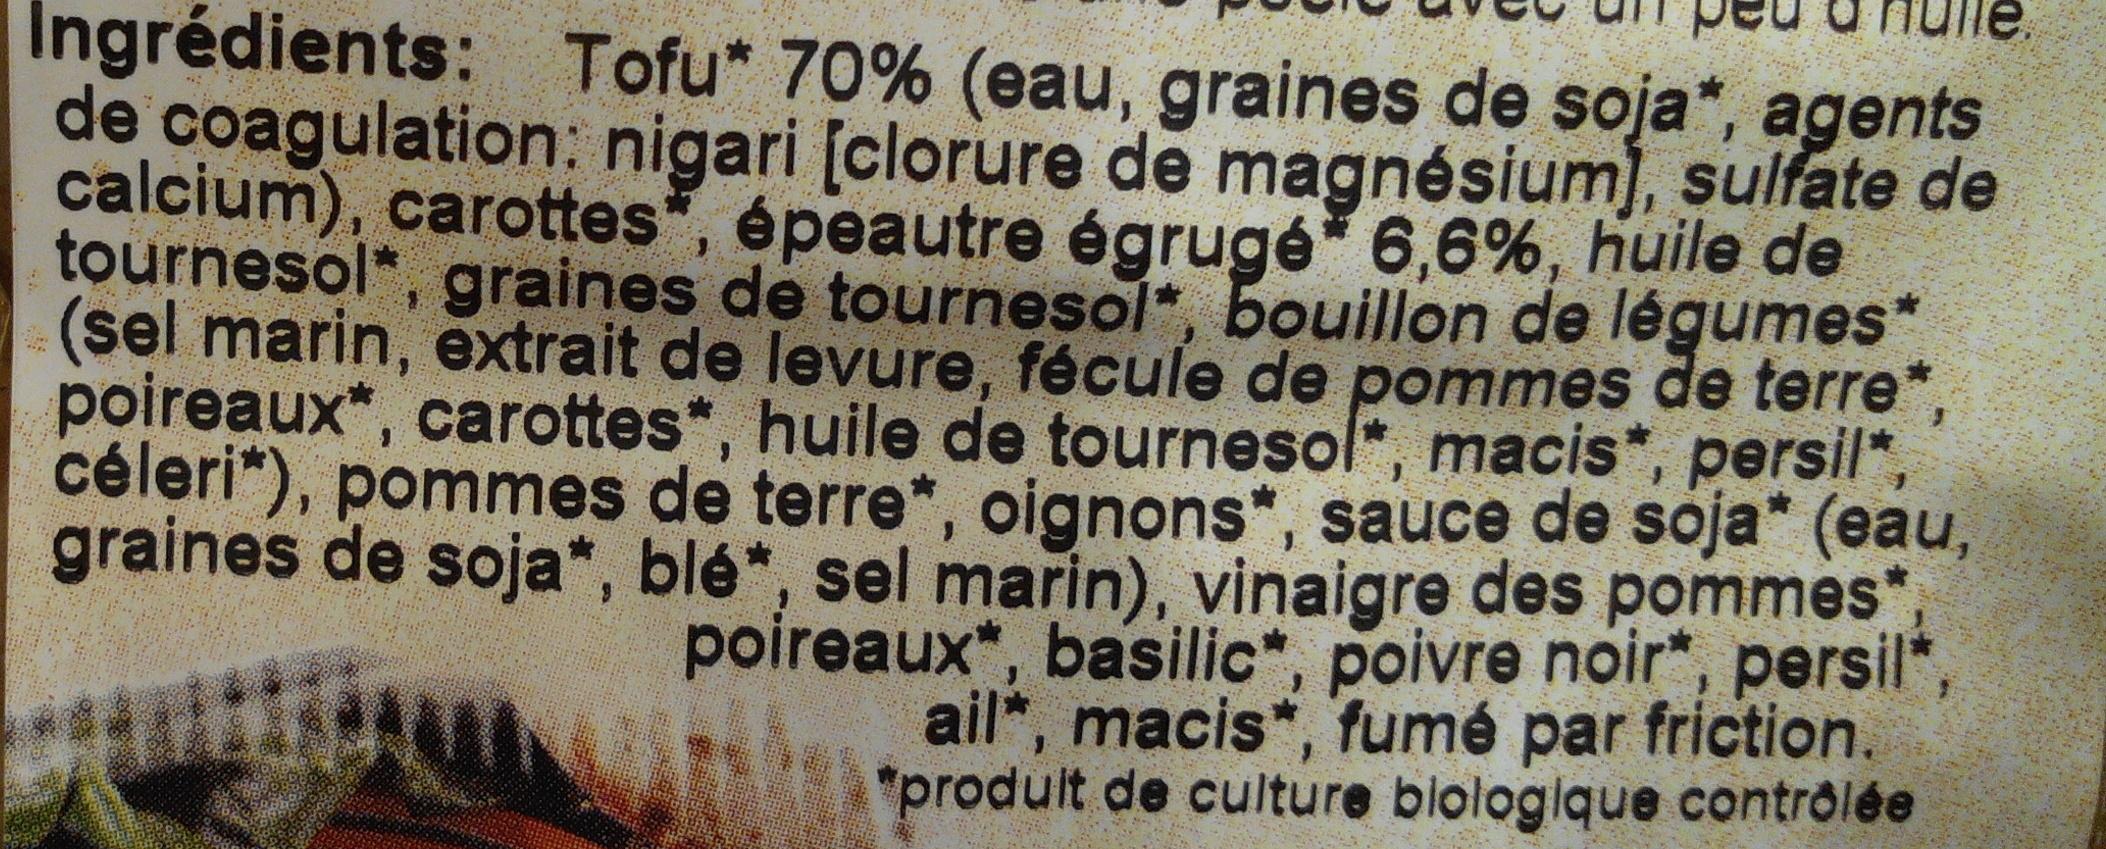 Galettes de tofu à l'épeautre - Ingredients